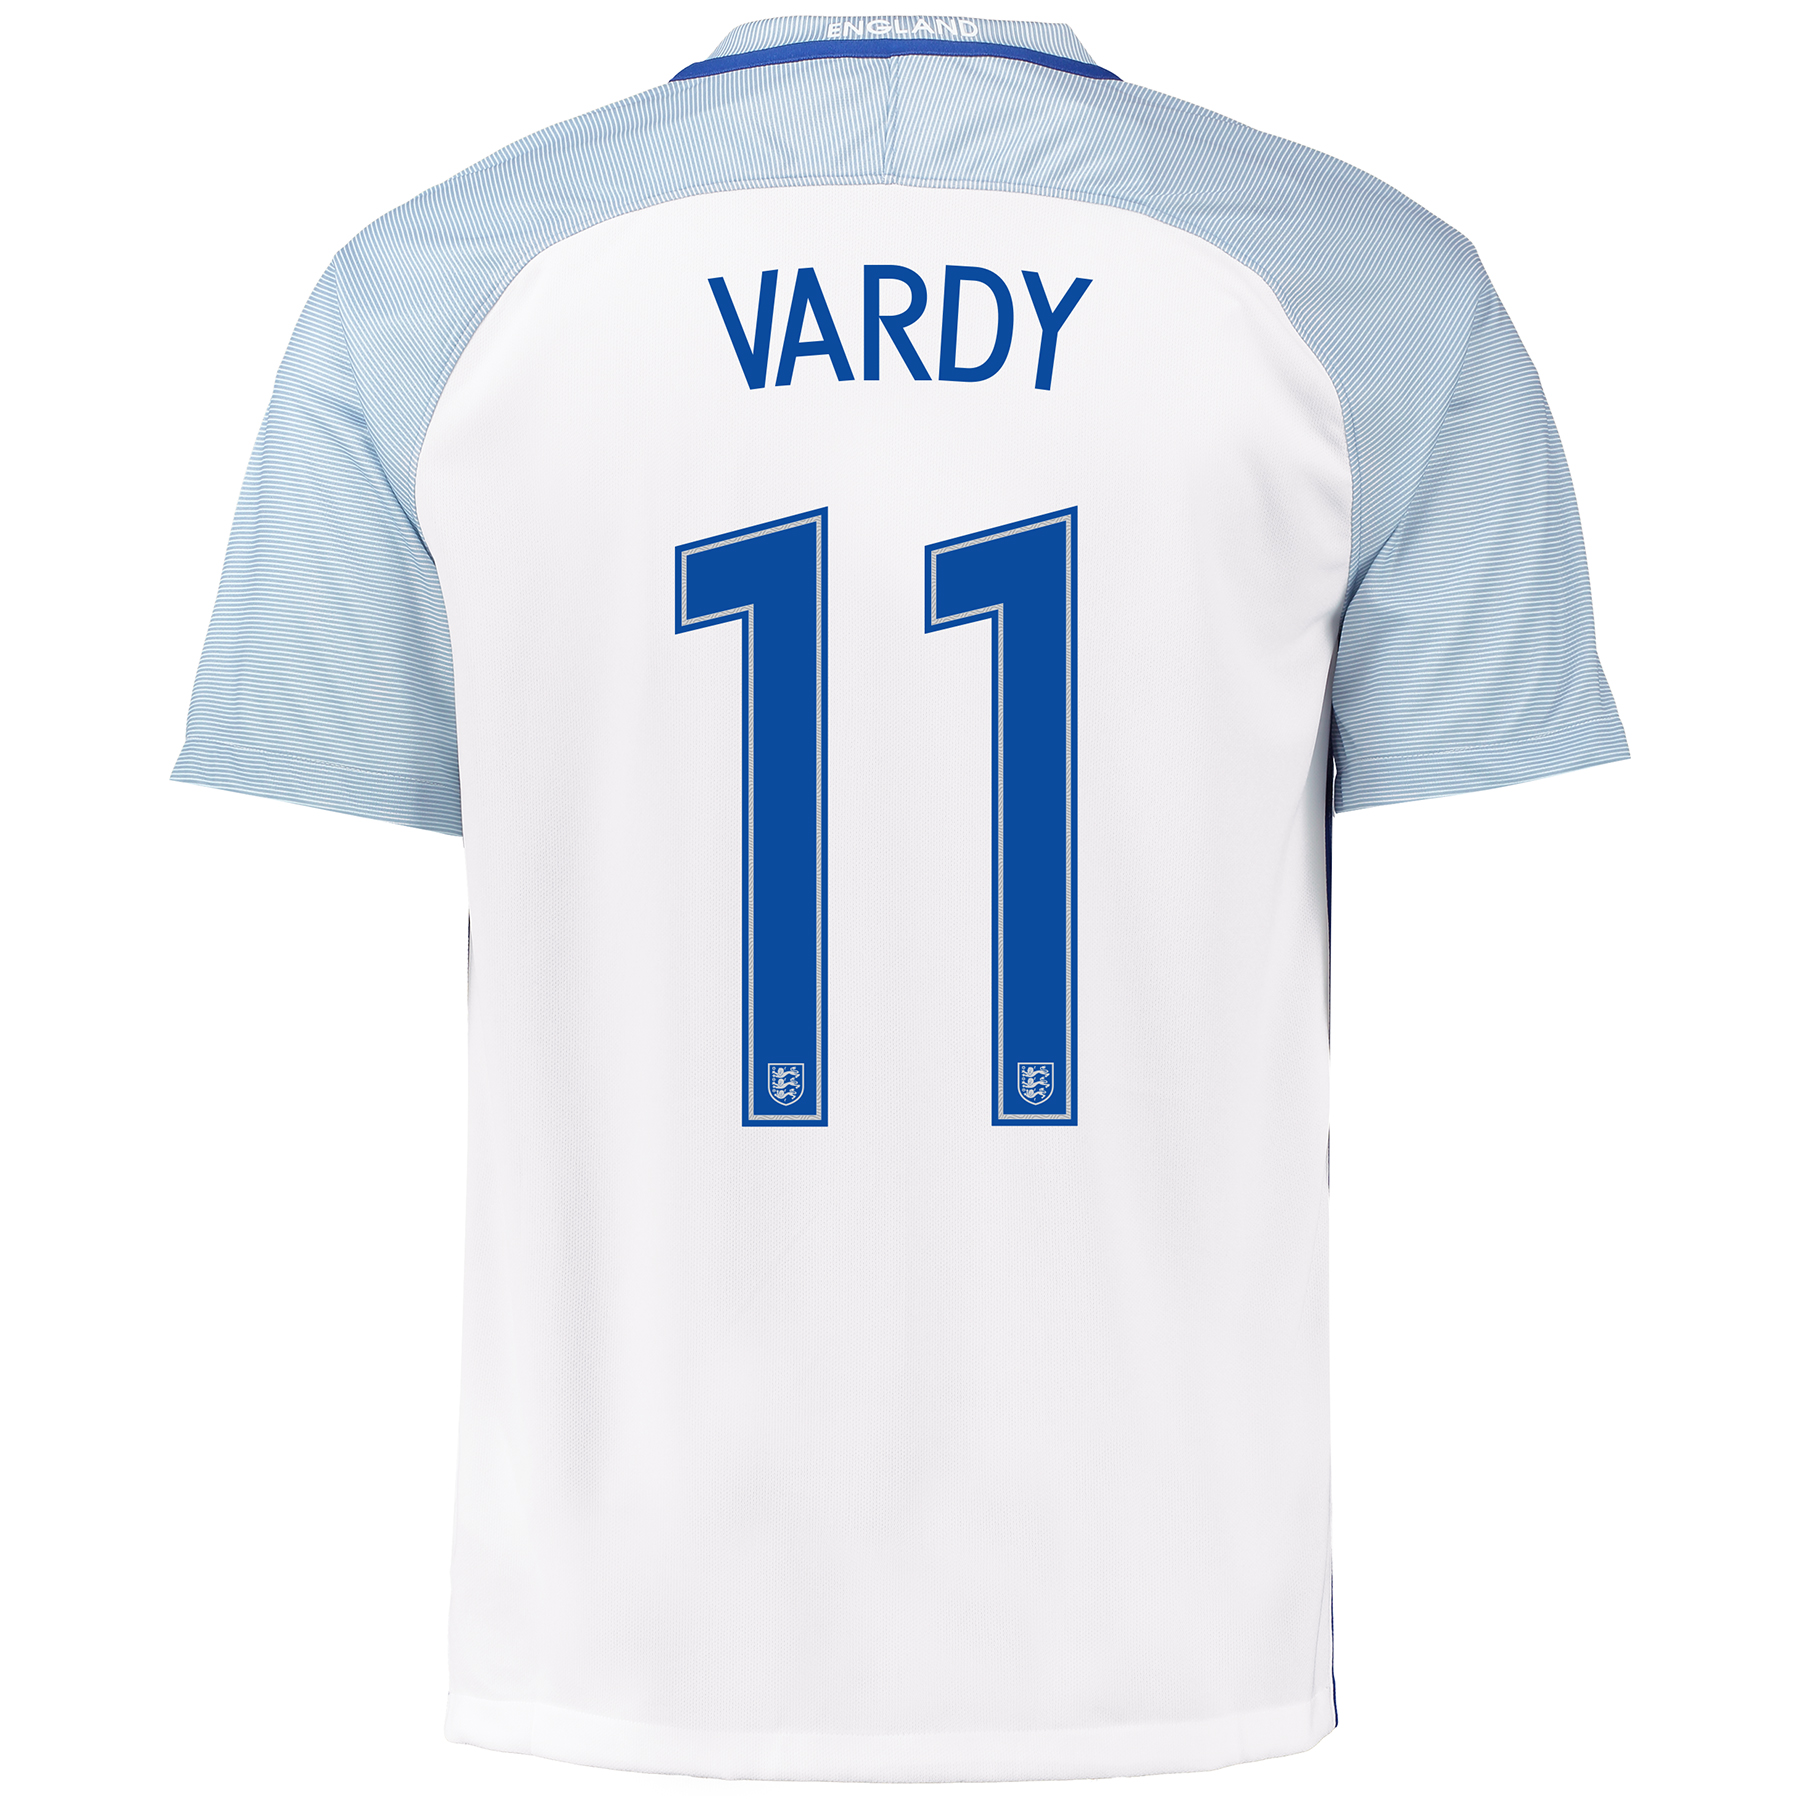 England Home Shirt 2016 with Vardy 11 printing